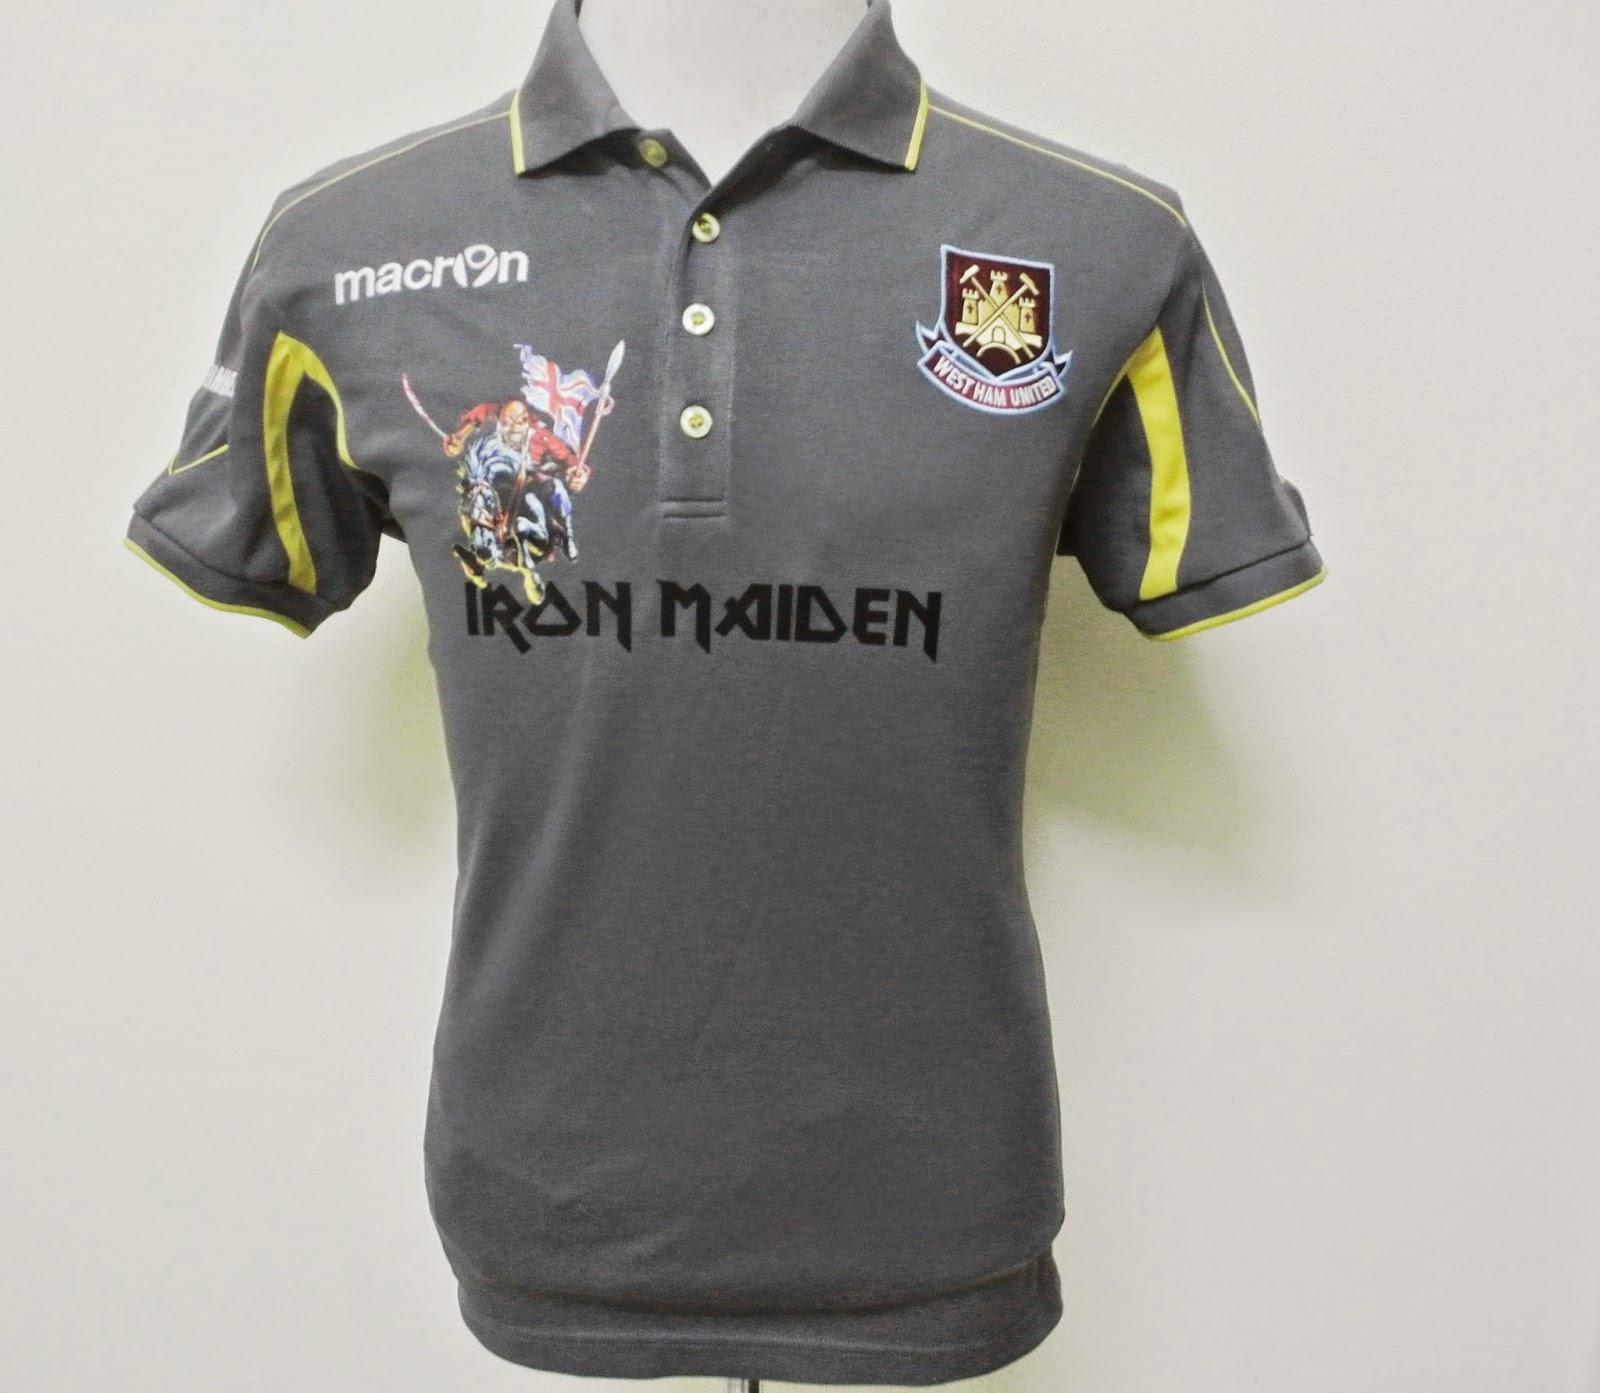 indieclothingitems: Iron maiden West Ham United Jersey